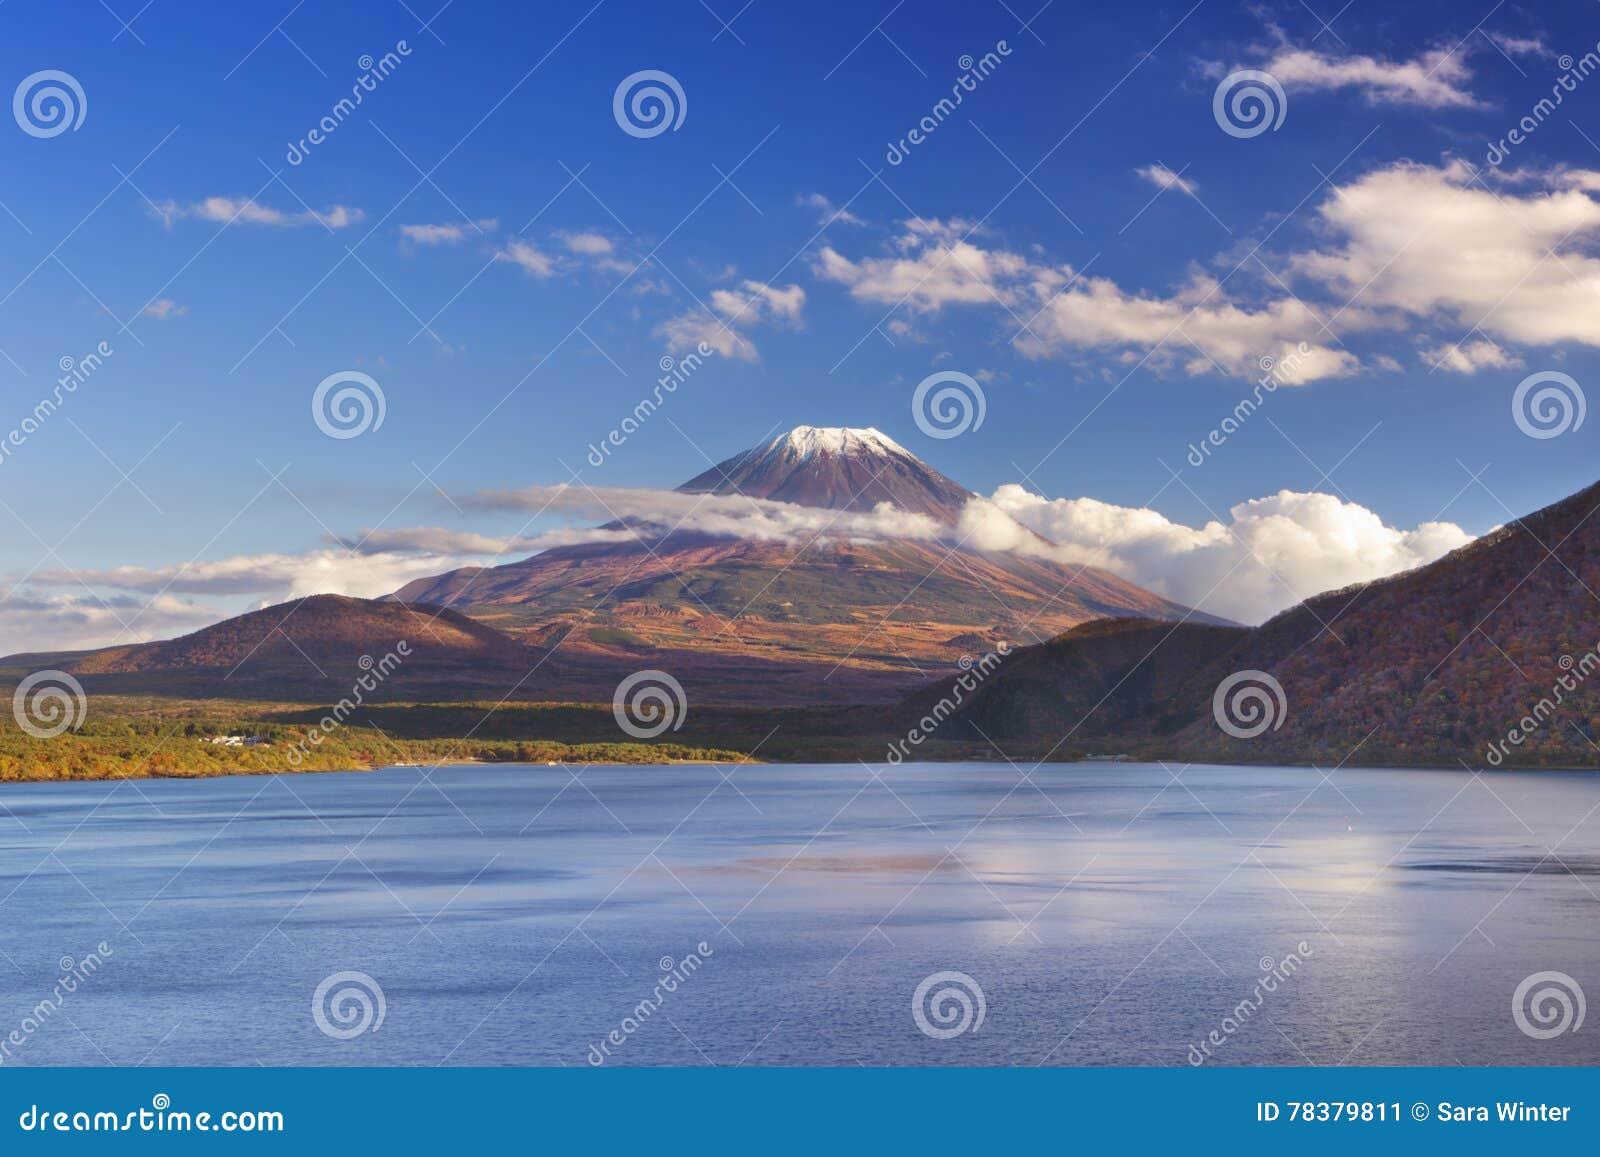 El monte Fuji y lago Motosu, Japón en una tarde clara